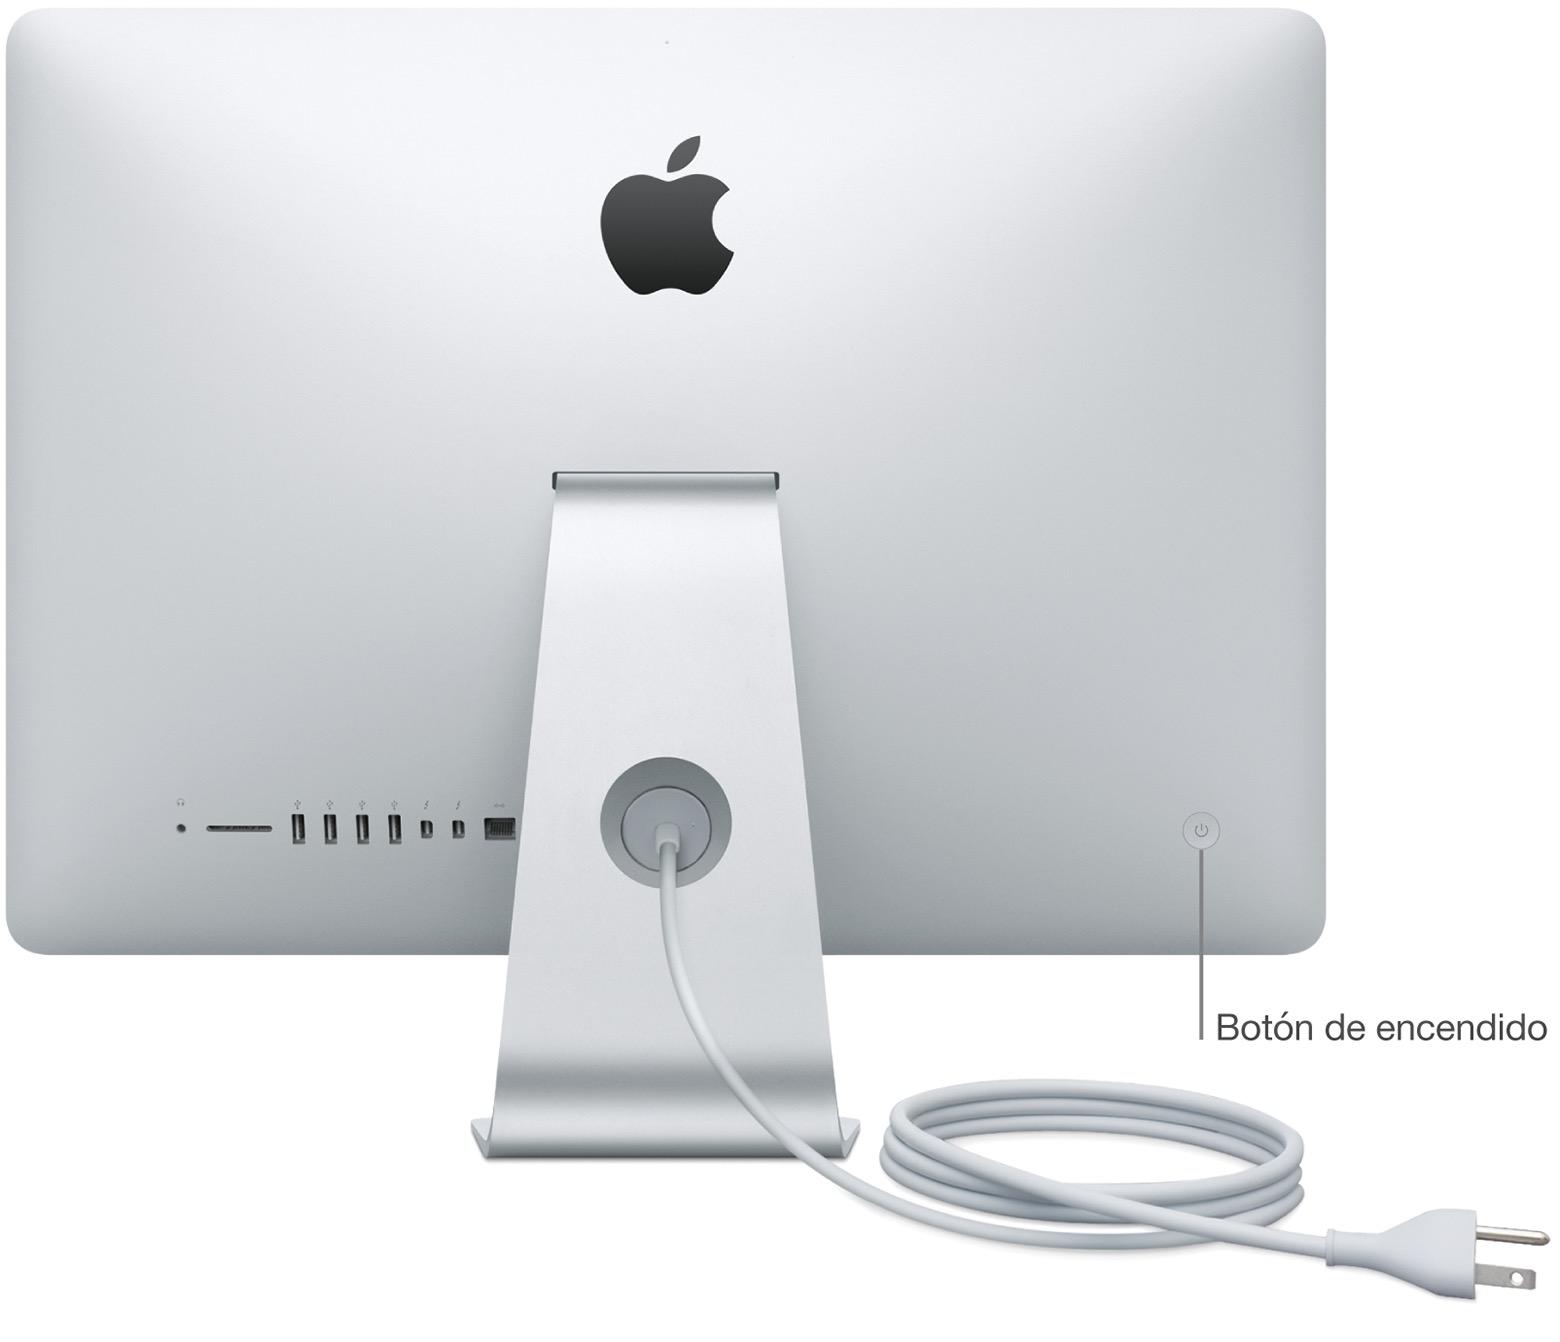 Botón de encendido de la iMac